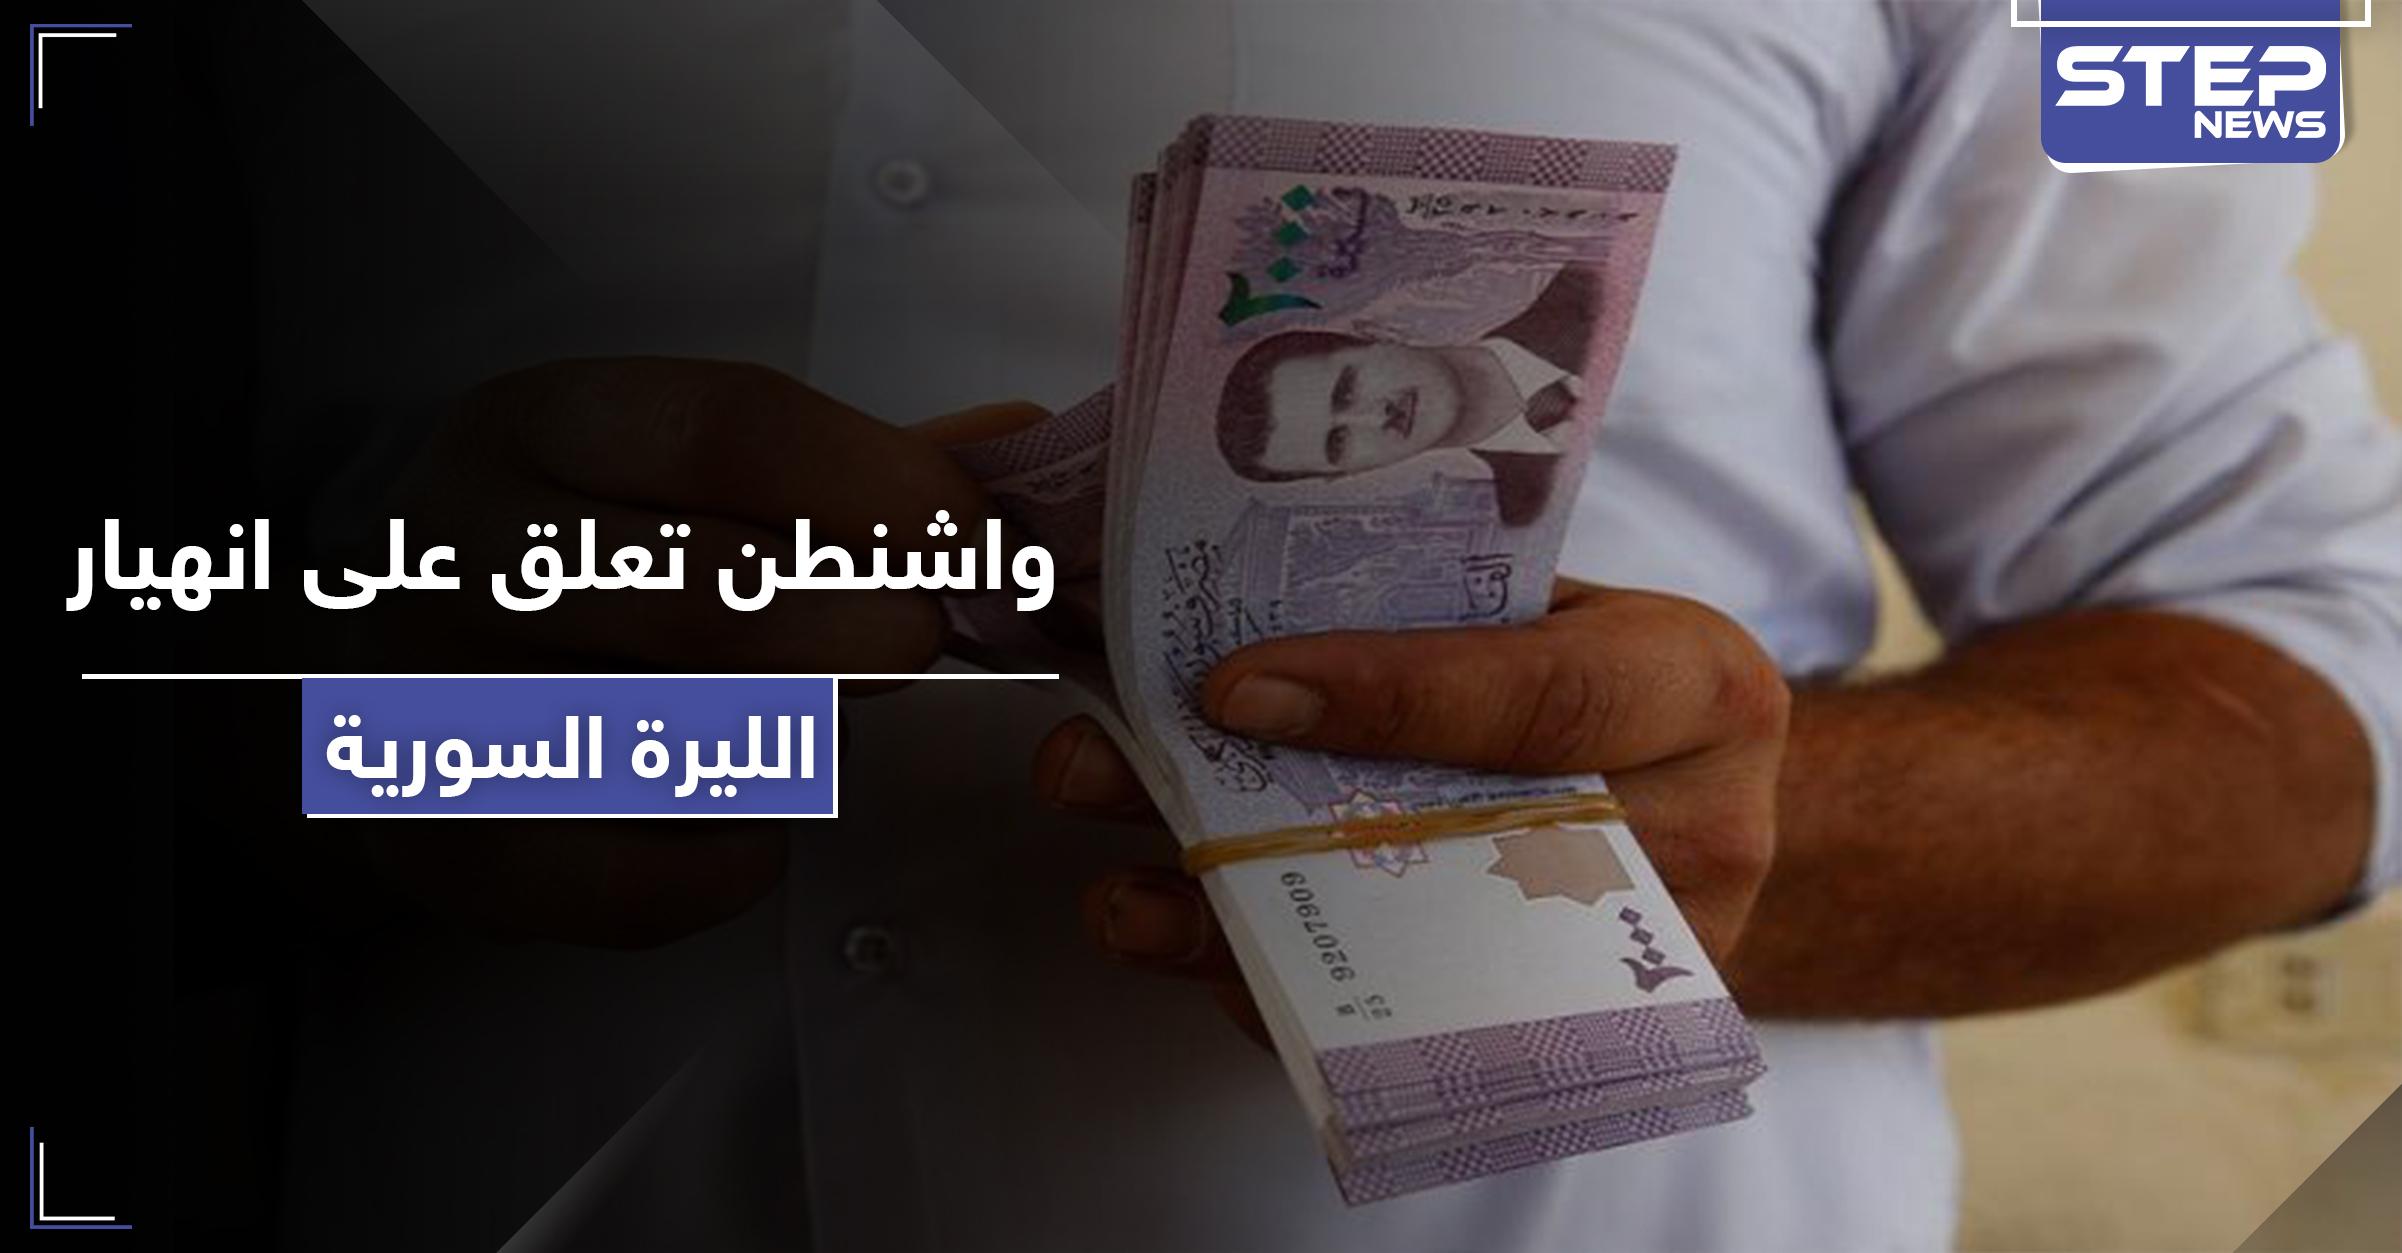 واشنطن تعلق على انهيار الليرة السورية أمام الدولار الأمريكي.. وانطلاق المظاهرات في سوريا